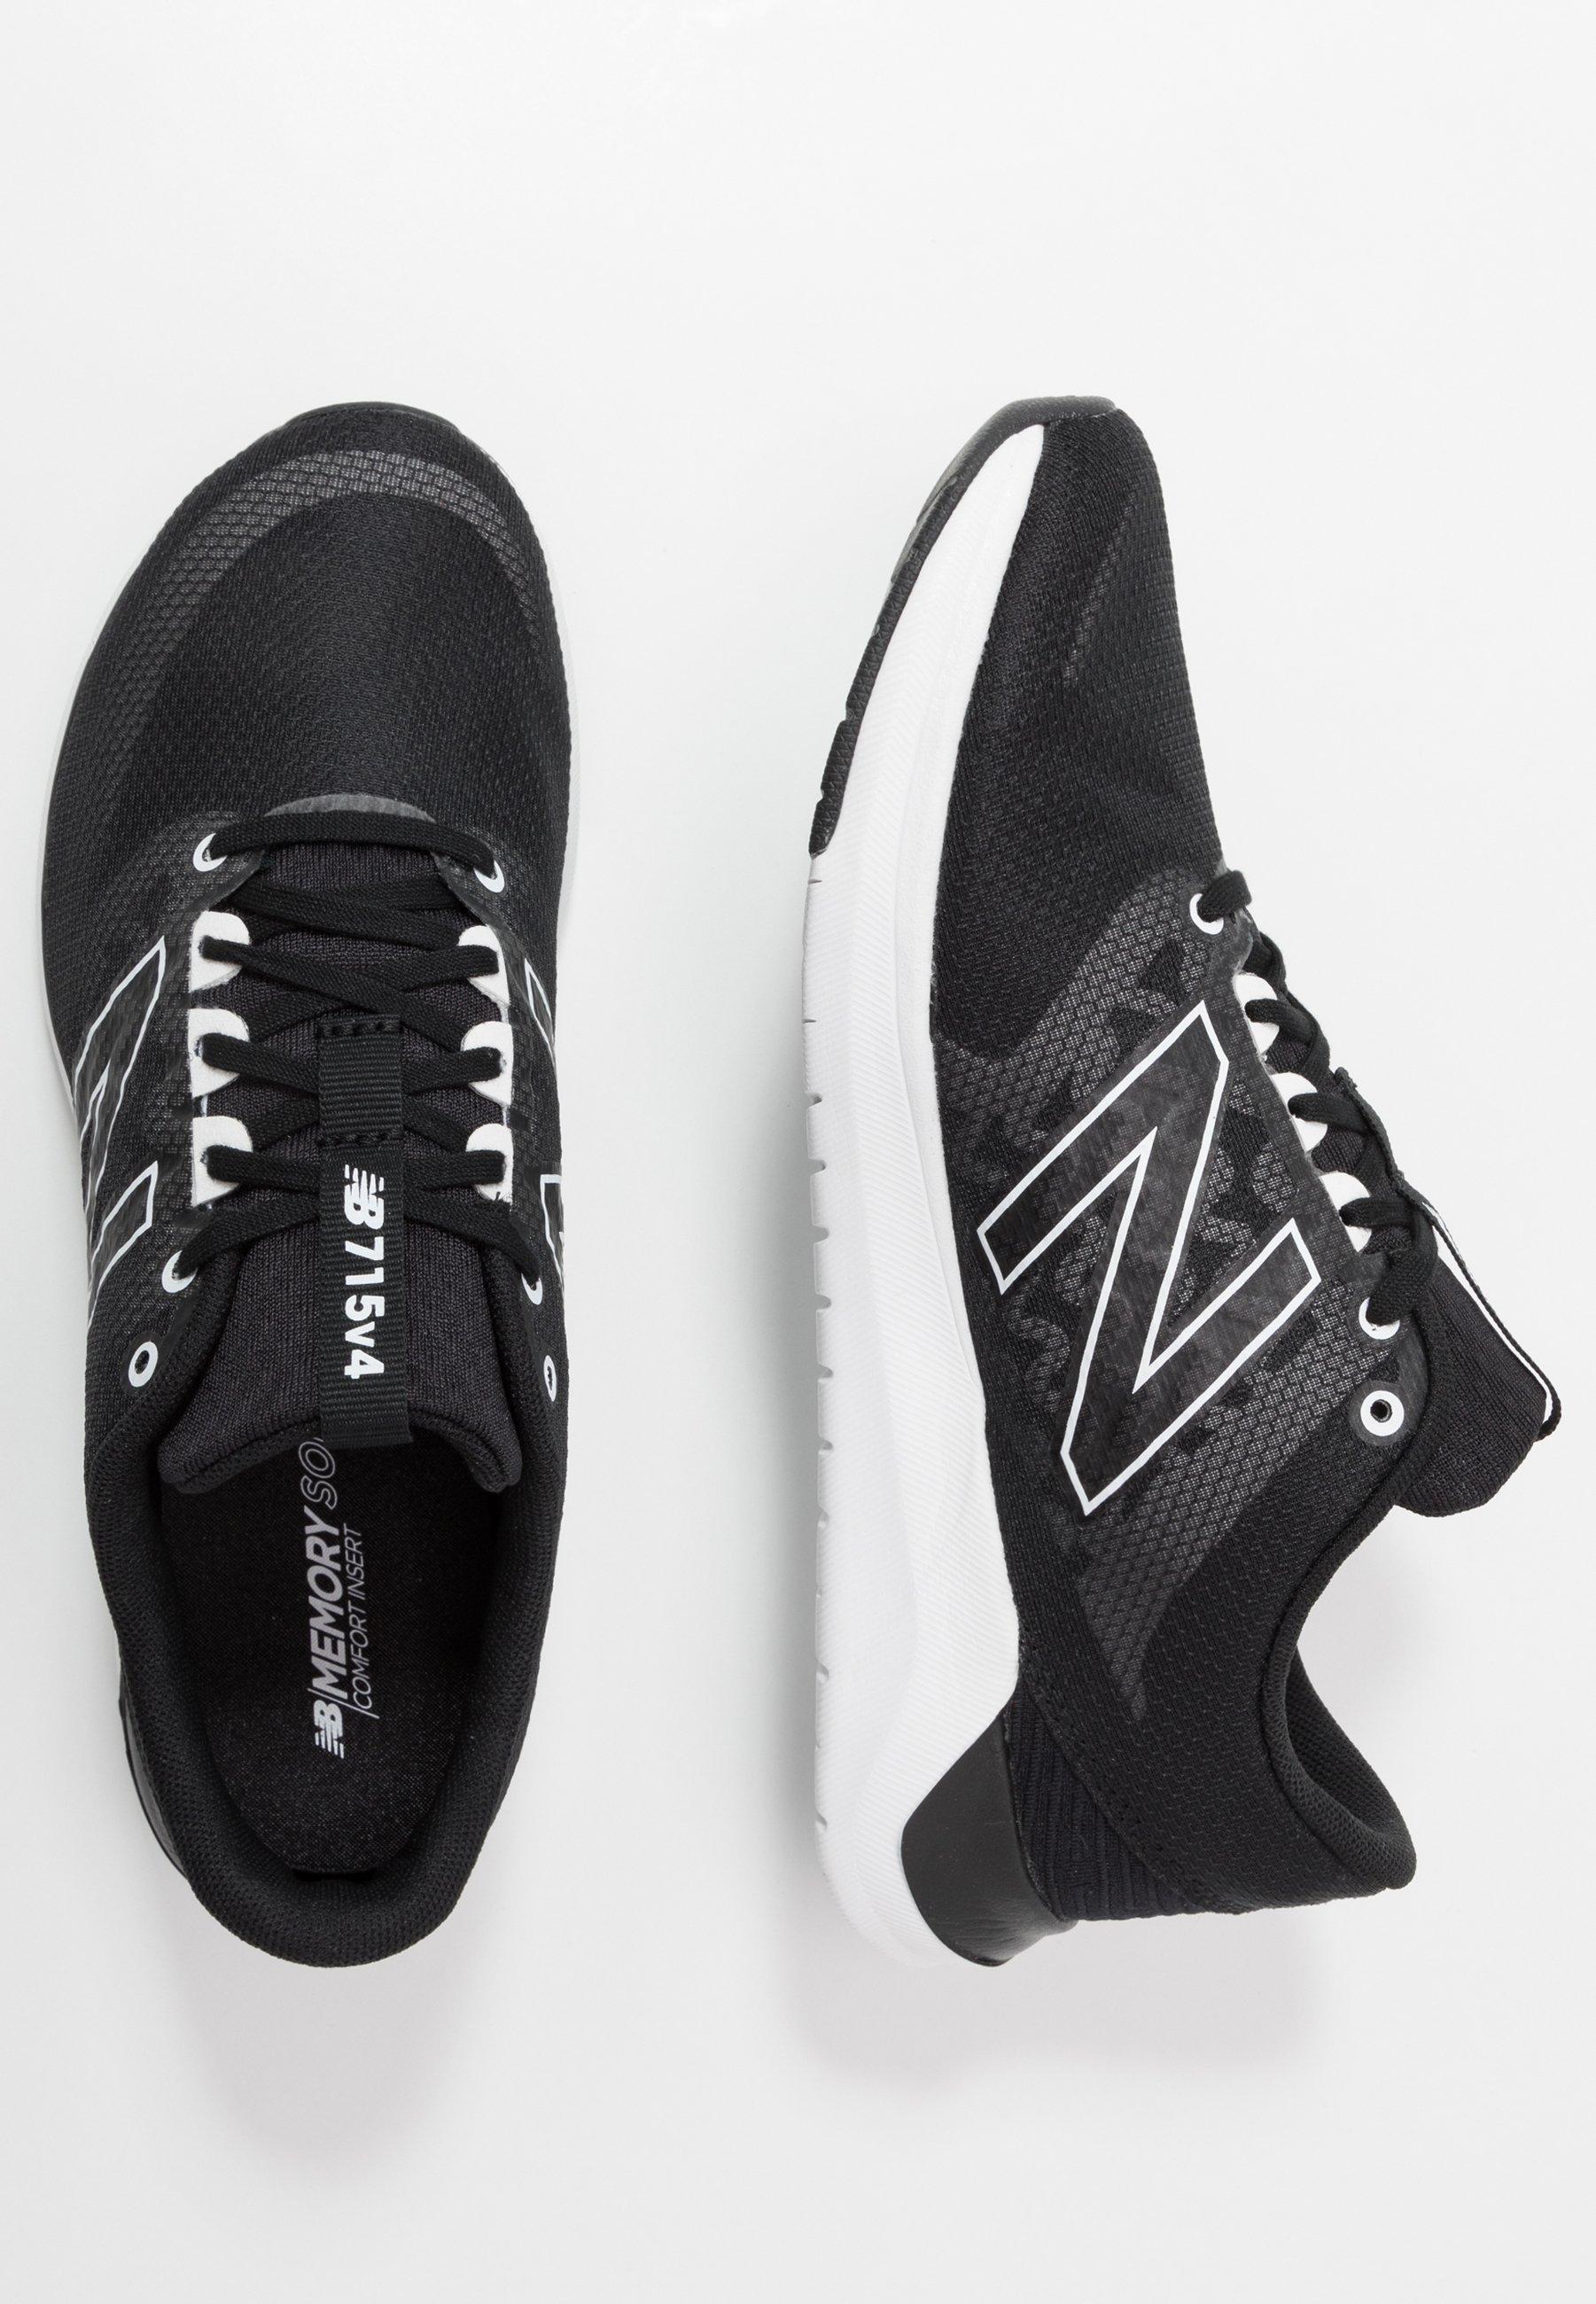 New Balance Scarpe da fitness - black/nero - Zalando.it